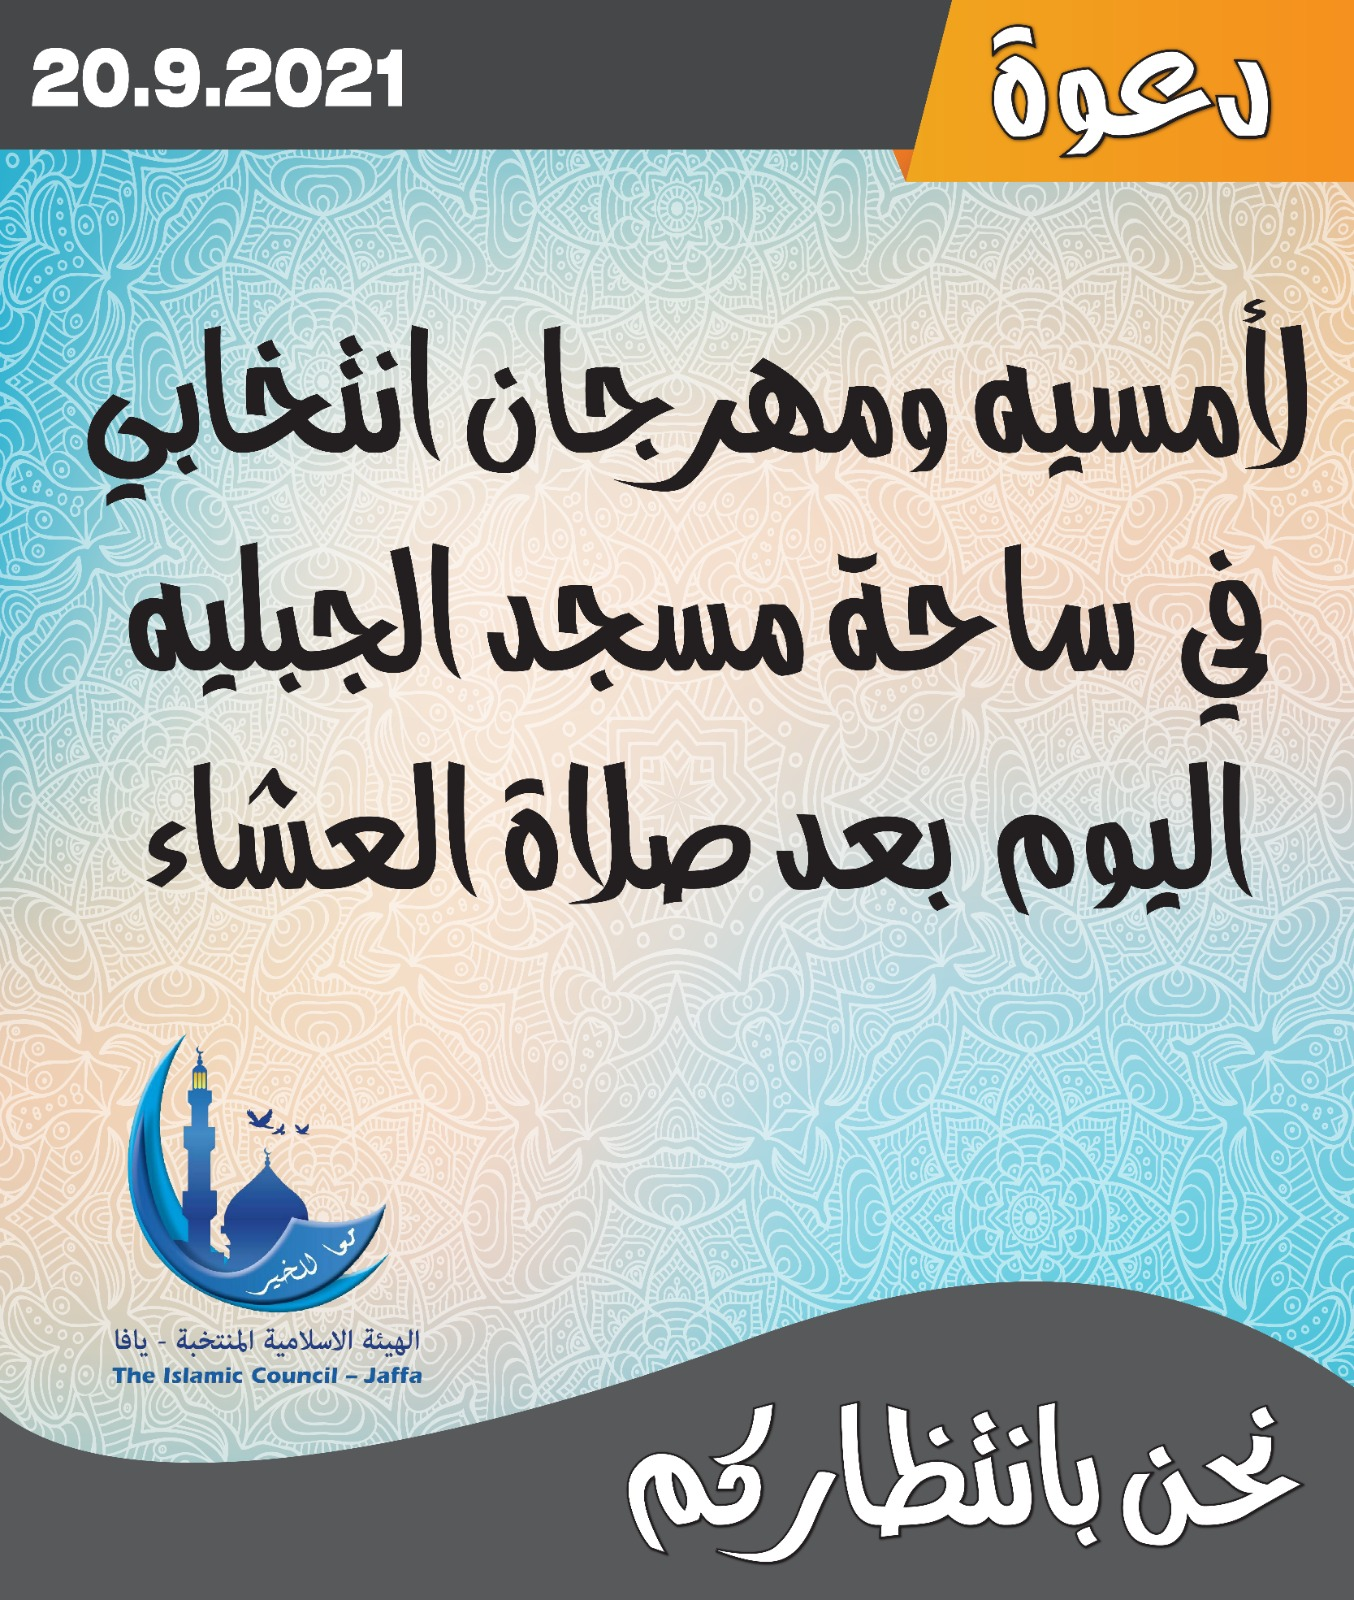 اليوم: مهرجان انتخابي للهيئة الاسلامية في ساحة مسجد الجبلية